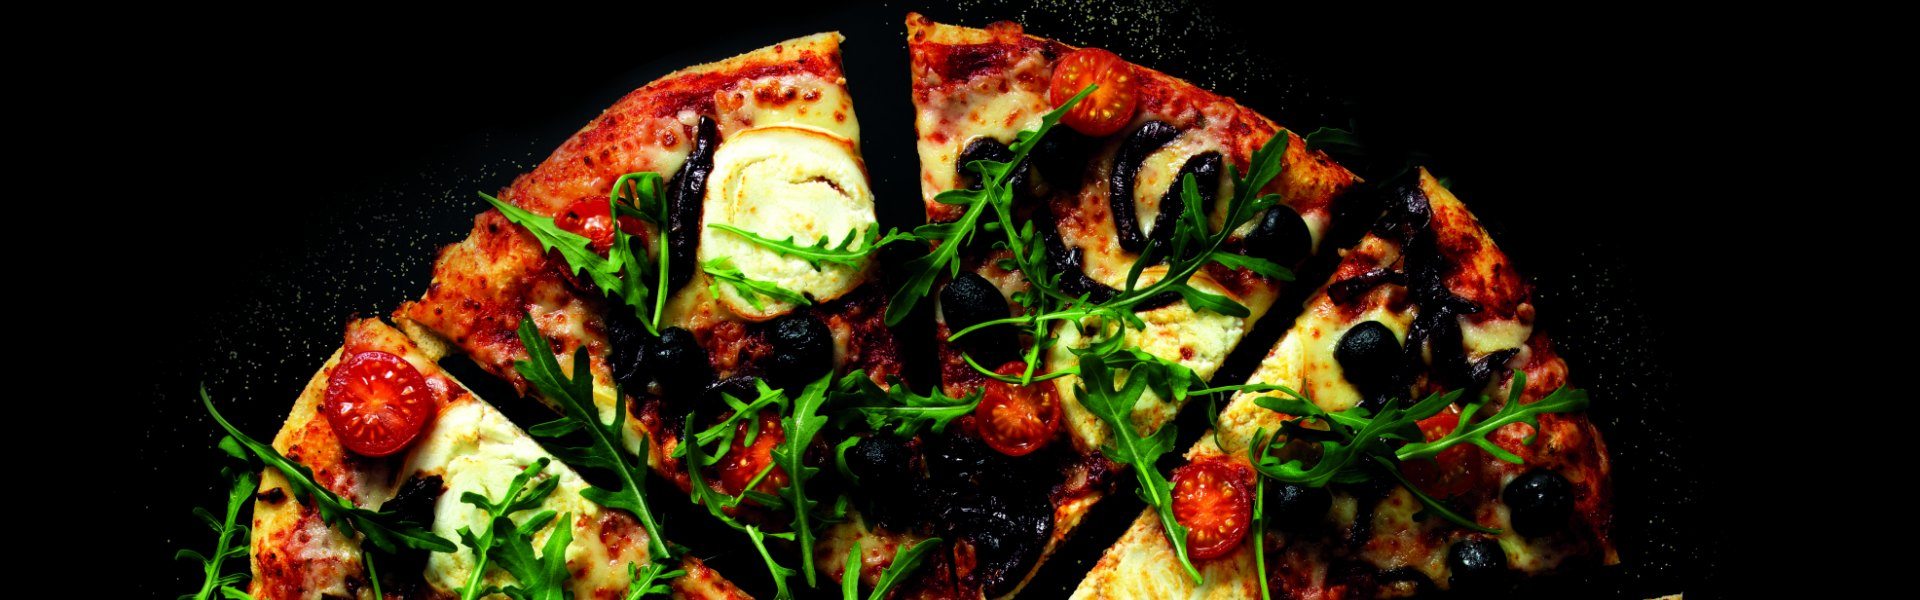 Pizza Hut Restaurants Heavenly Veg Pizza